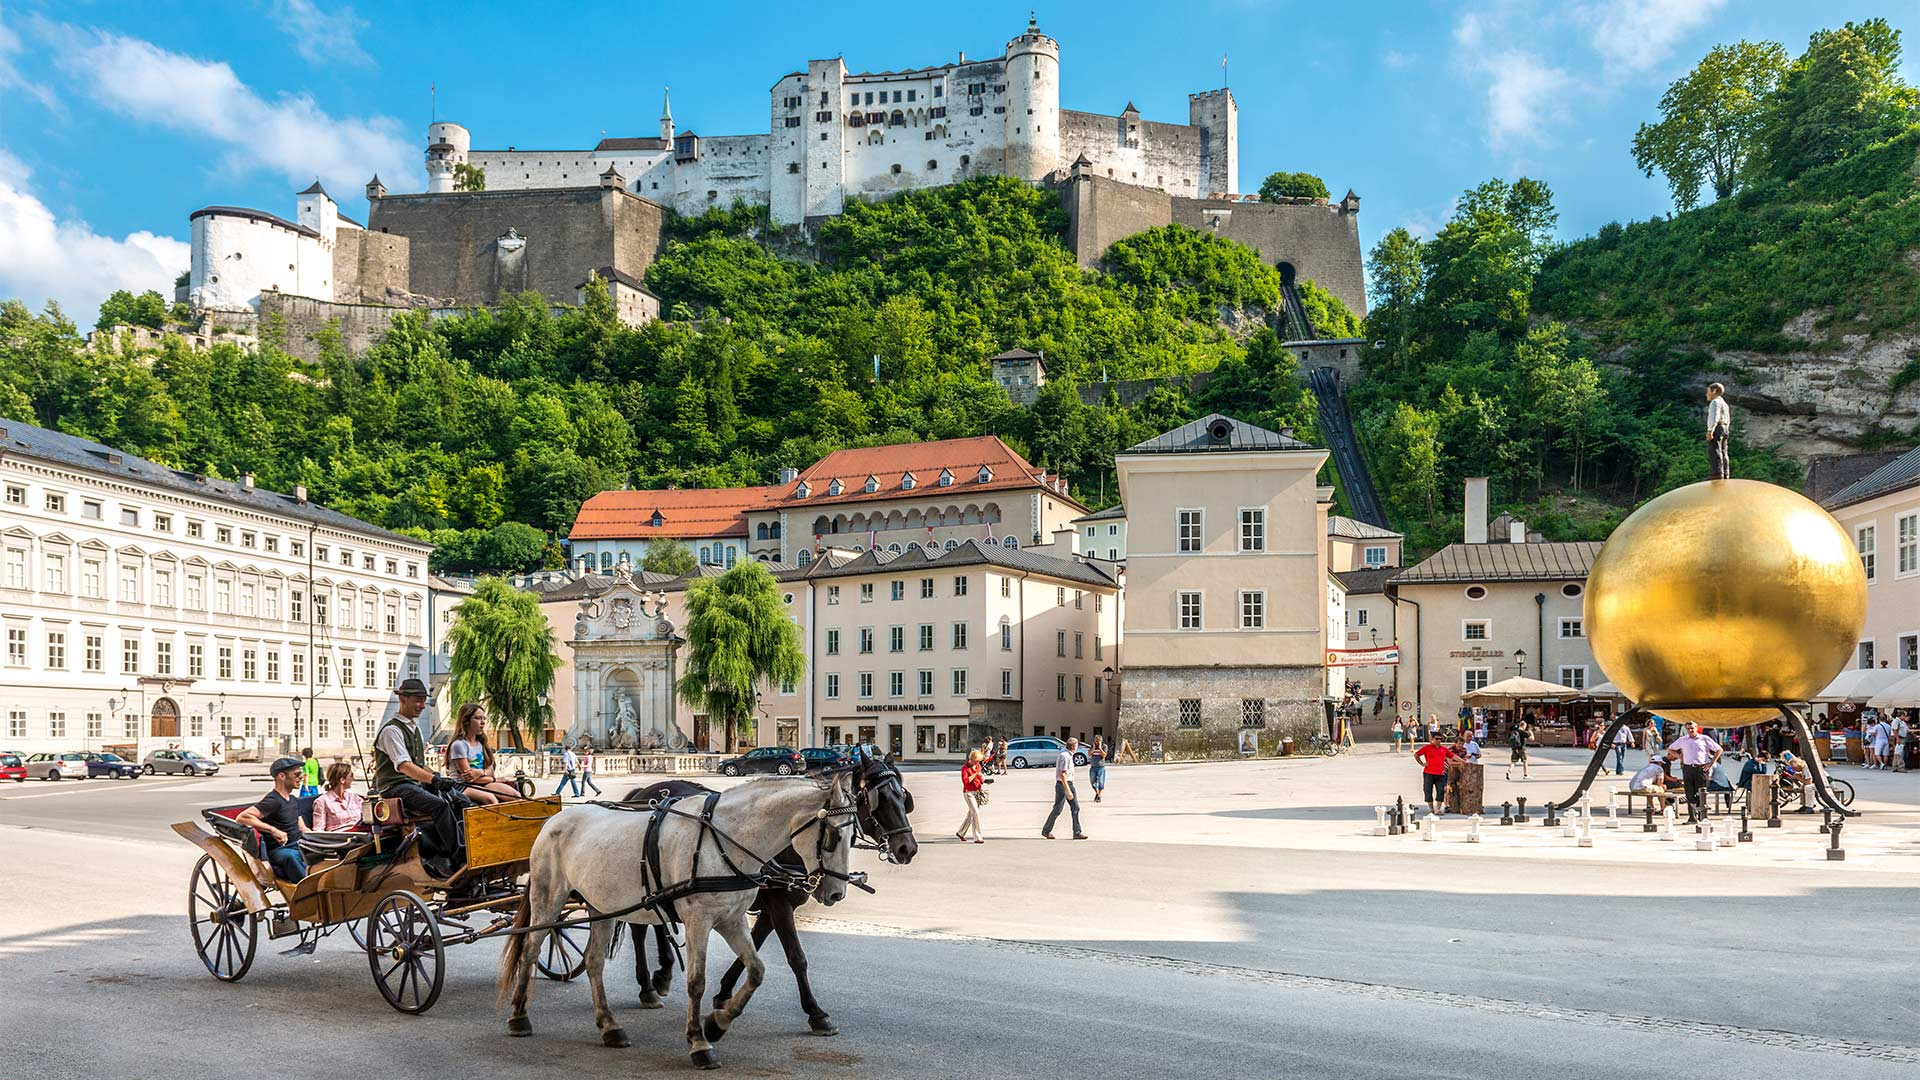 A horse carriage ride through Salzburg, Austria